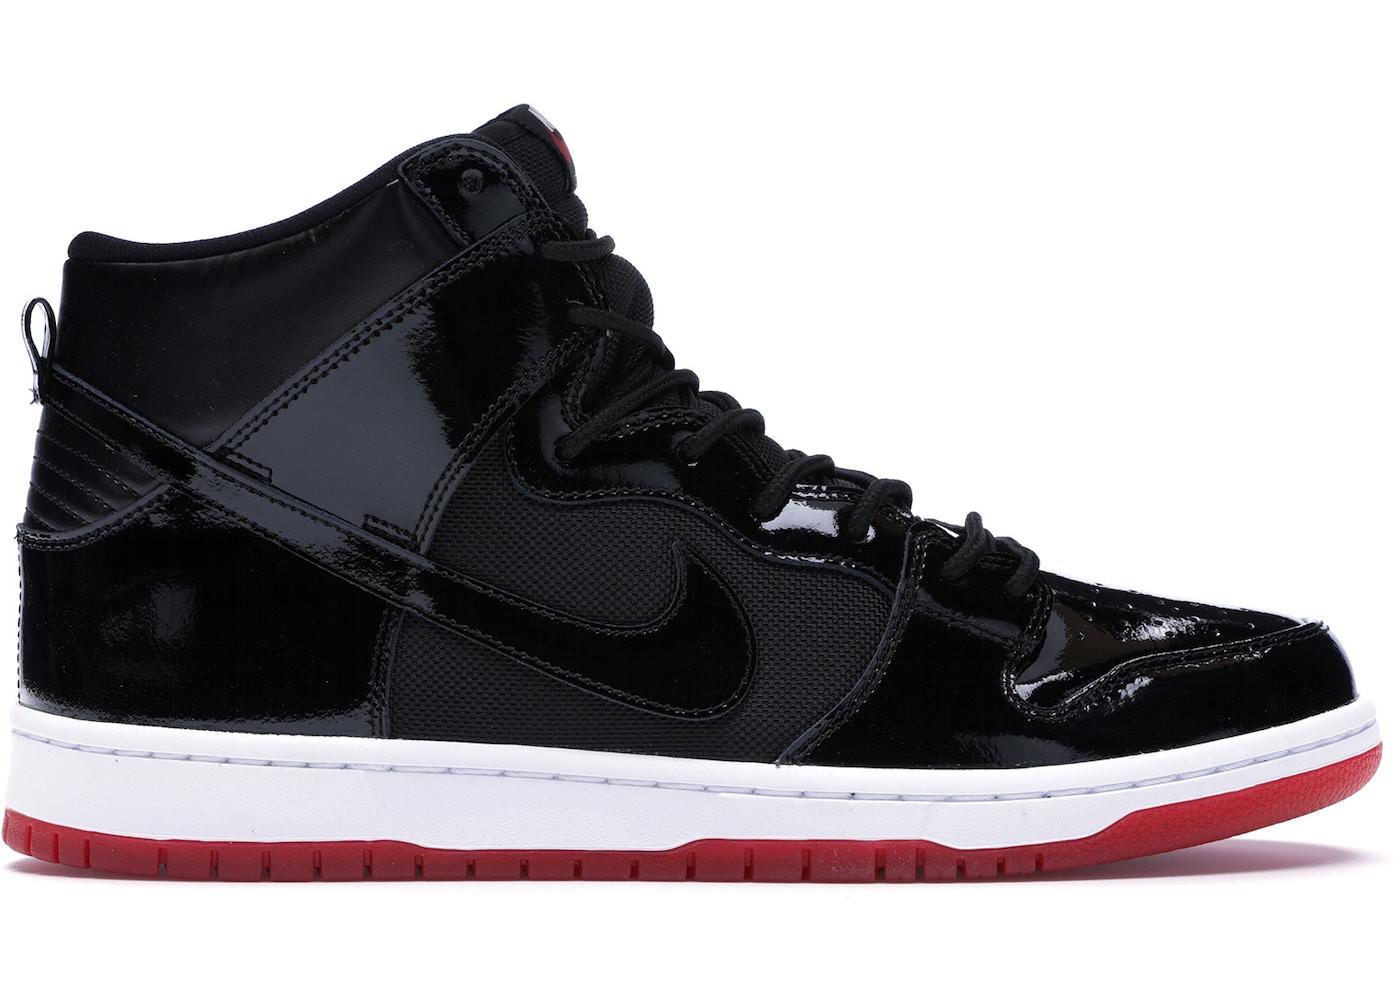 check out d54d2 957bb Nike SB Dunk High Bred - AJ7730-001